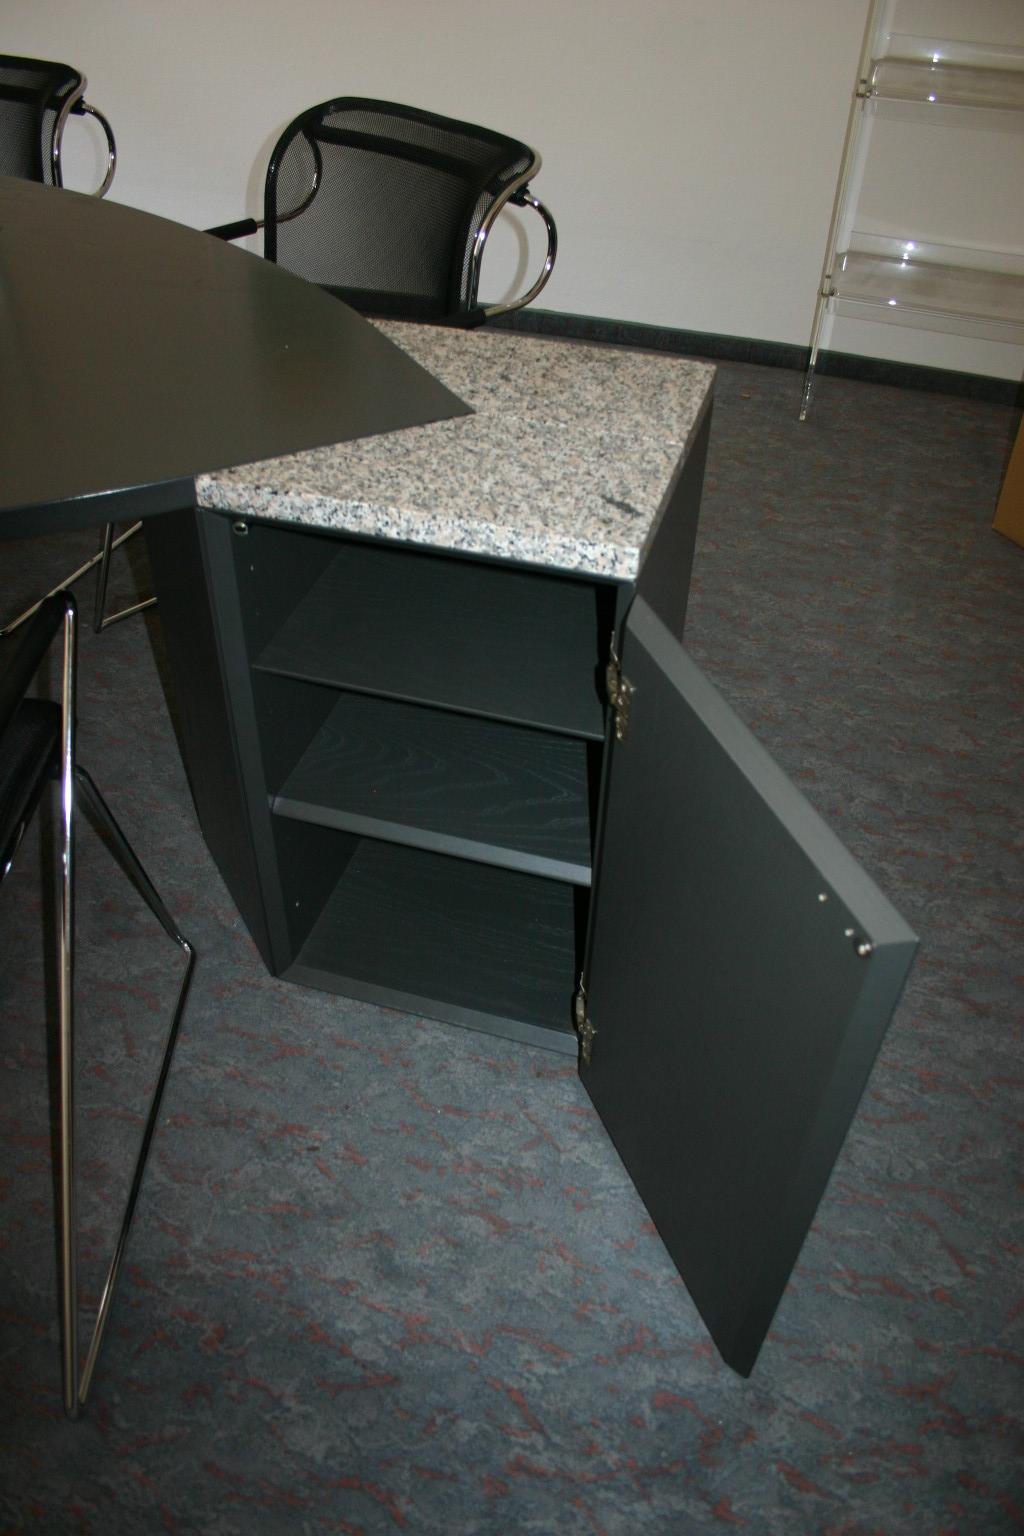 chefb ro in echtholz anthrazit granit von renz. Black Bedroom Furniture Sets. Home Design Ideas